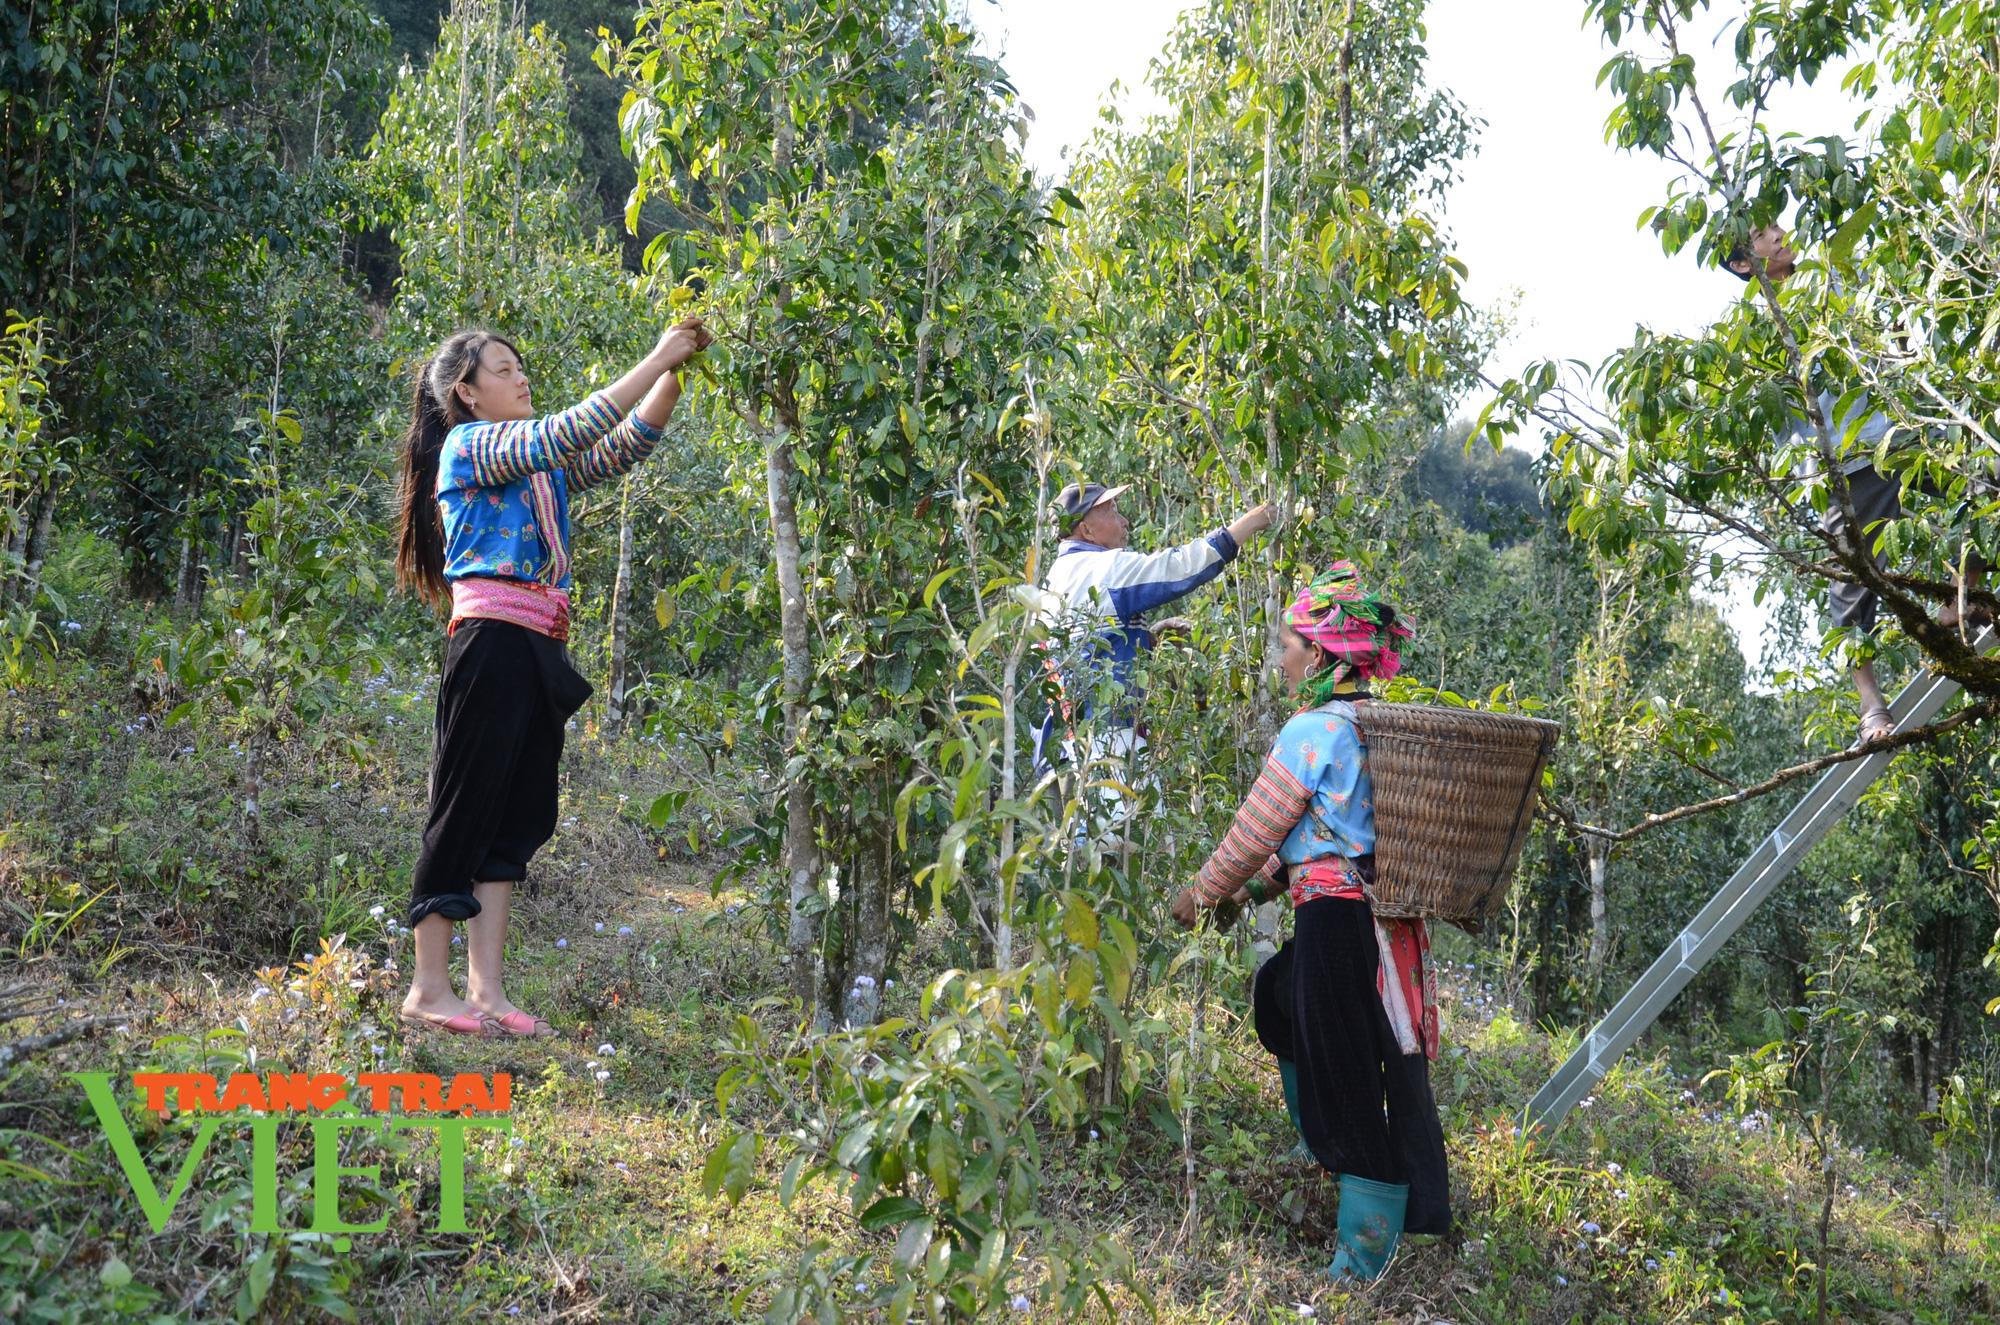 Sìn Hồ mở hướng giảm nghèo từ cây trồng mới - Ảnh 3.